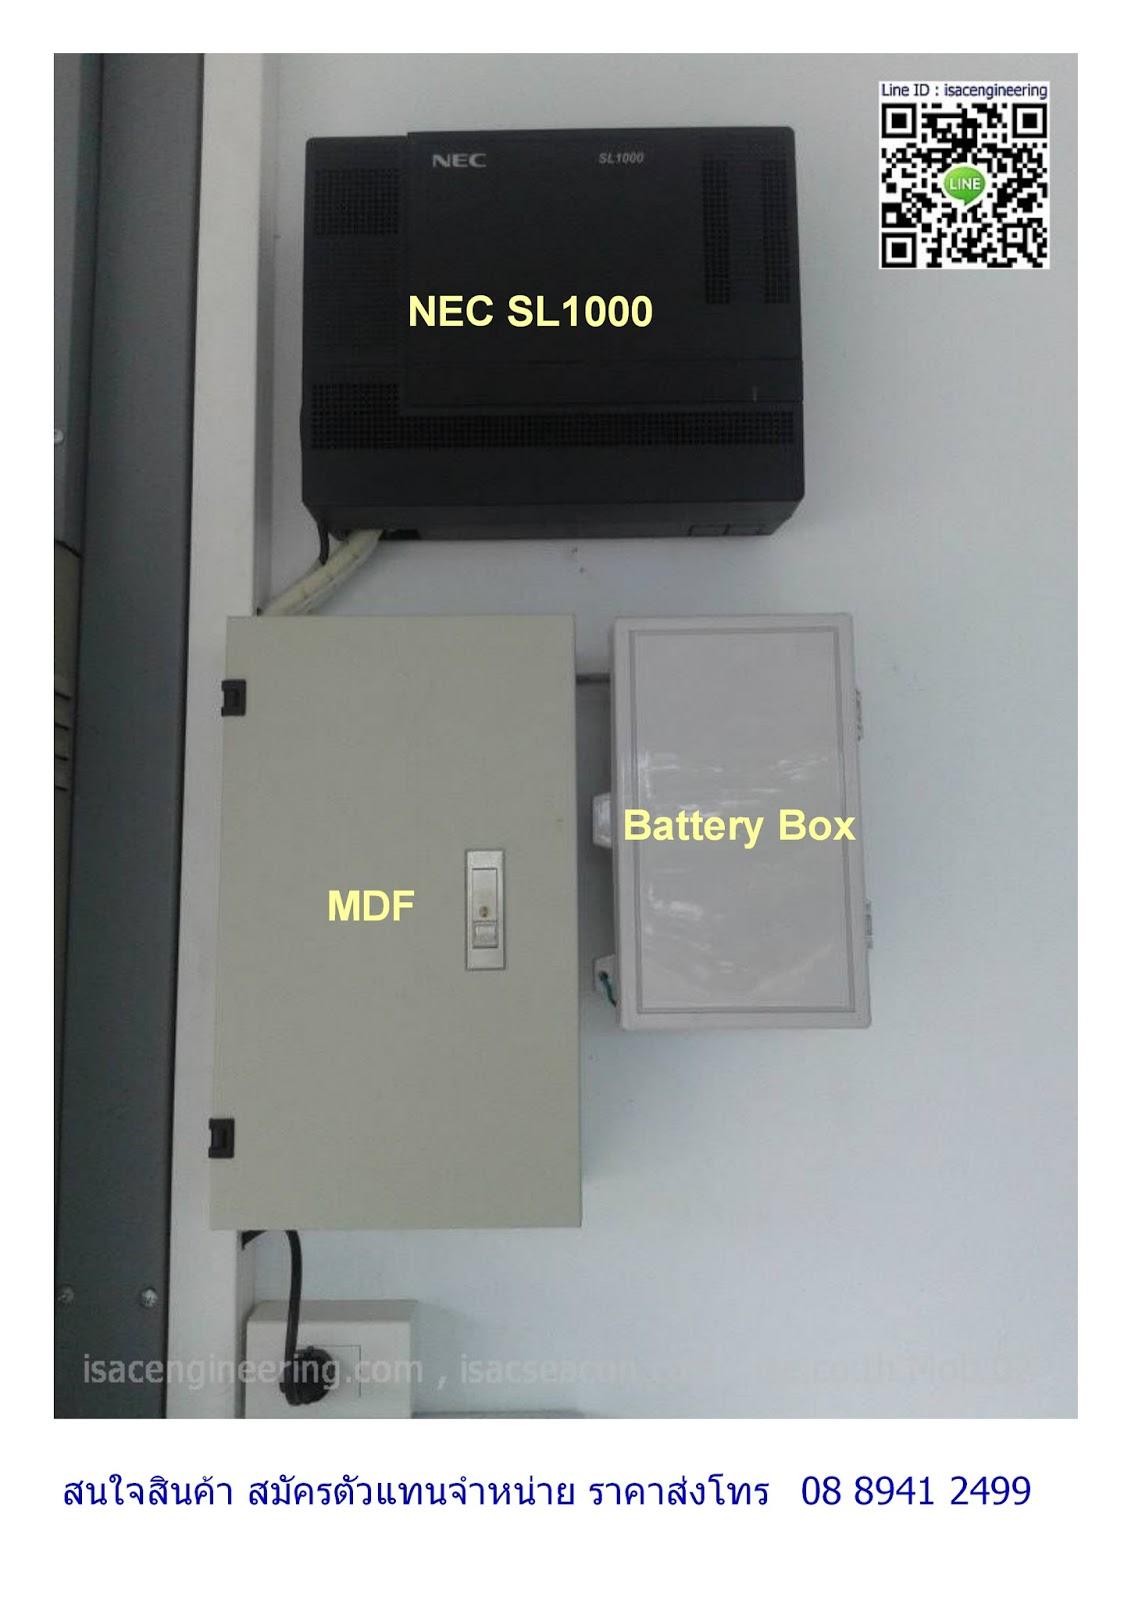 คู่มือ NEC SL1000 สำหรับ (มือใหม่)